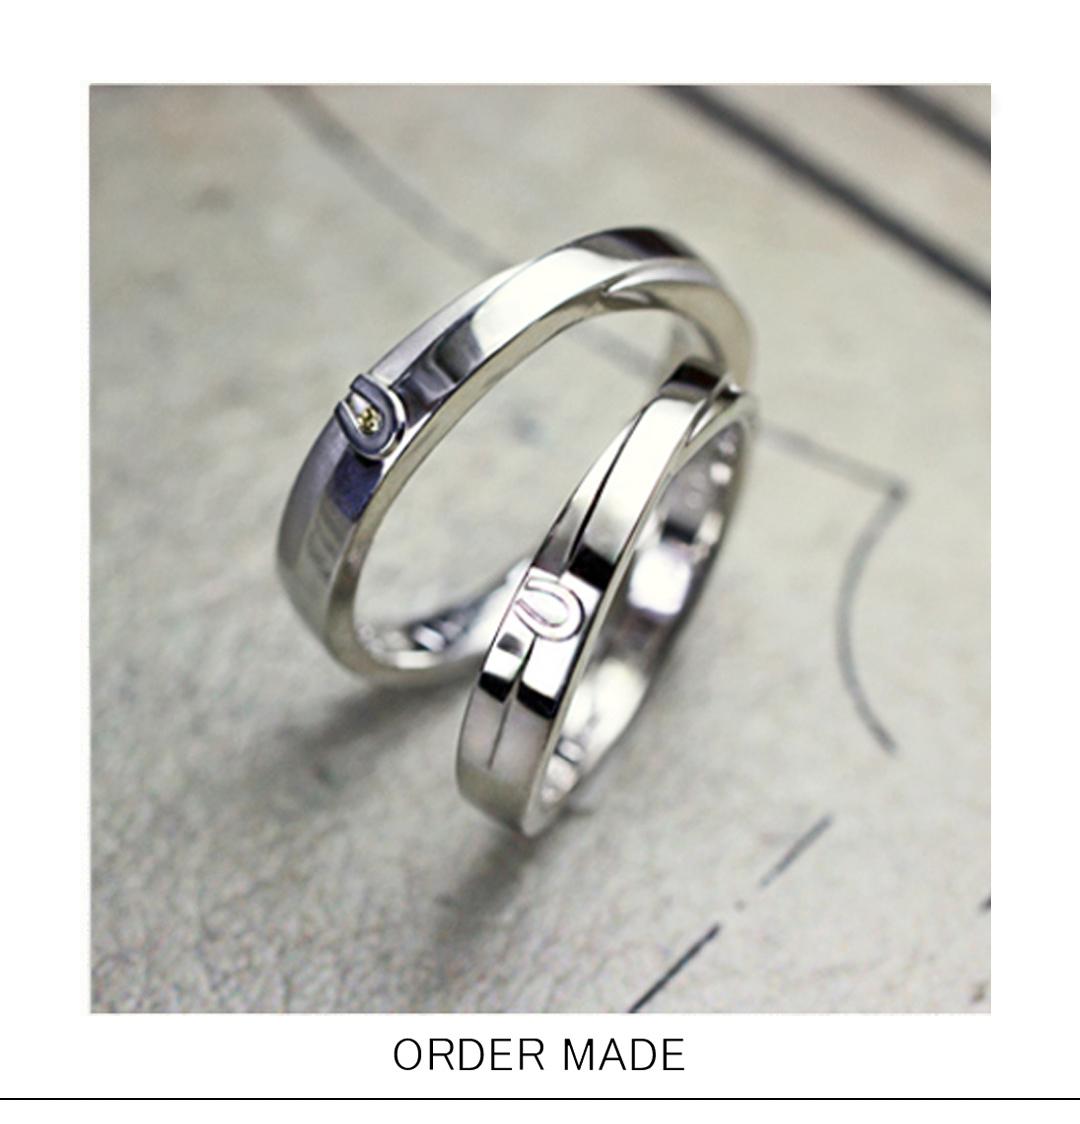 馬蹄マークを2重リングのデザインに入れたオーダーメイド結婚指輪のサムネイル